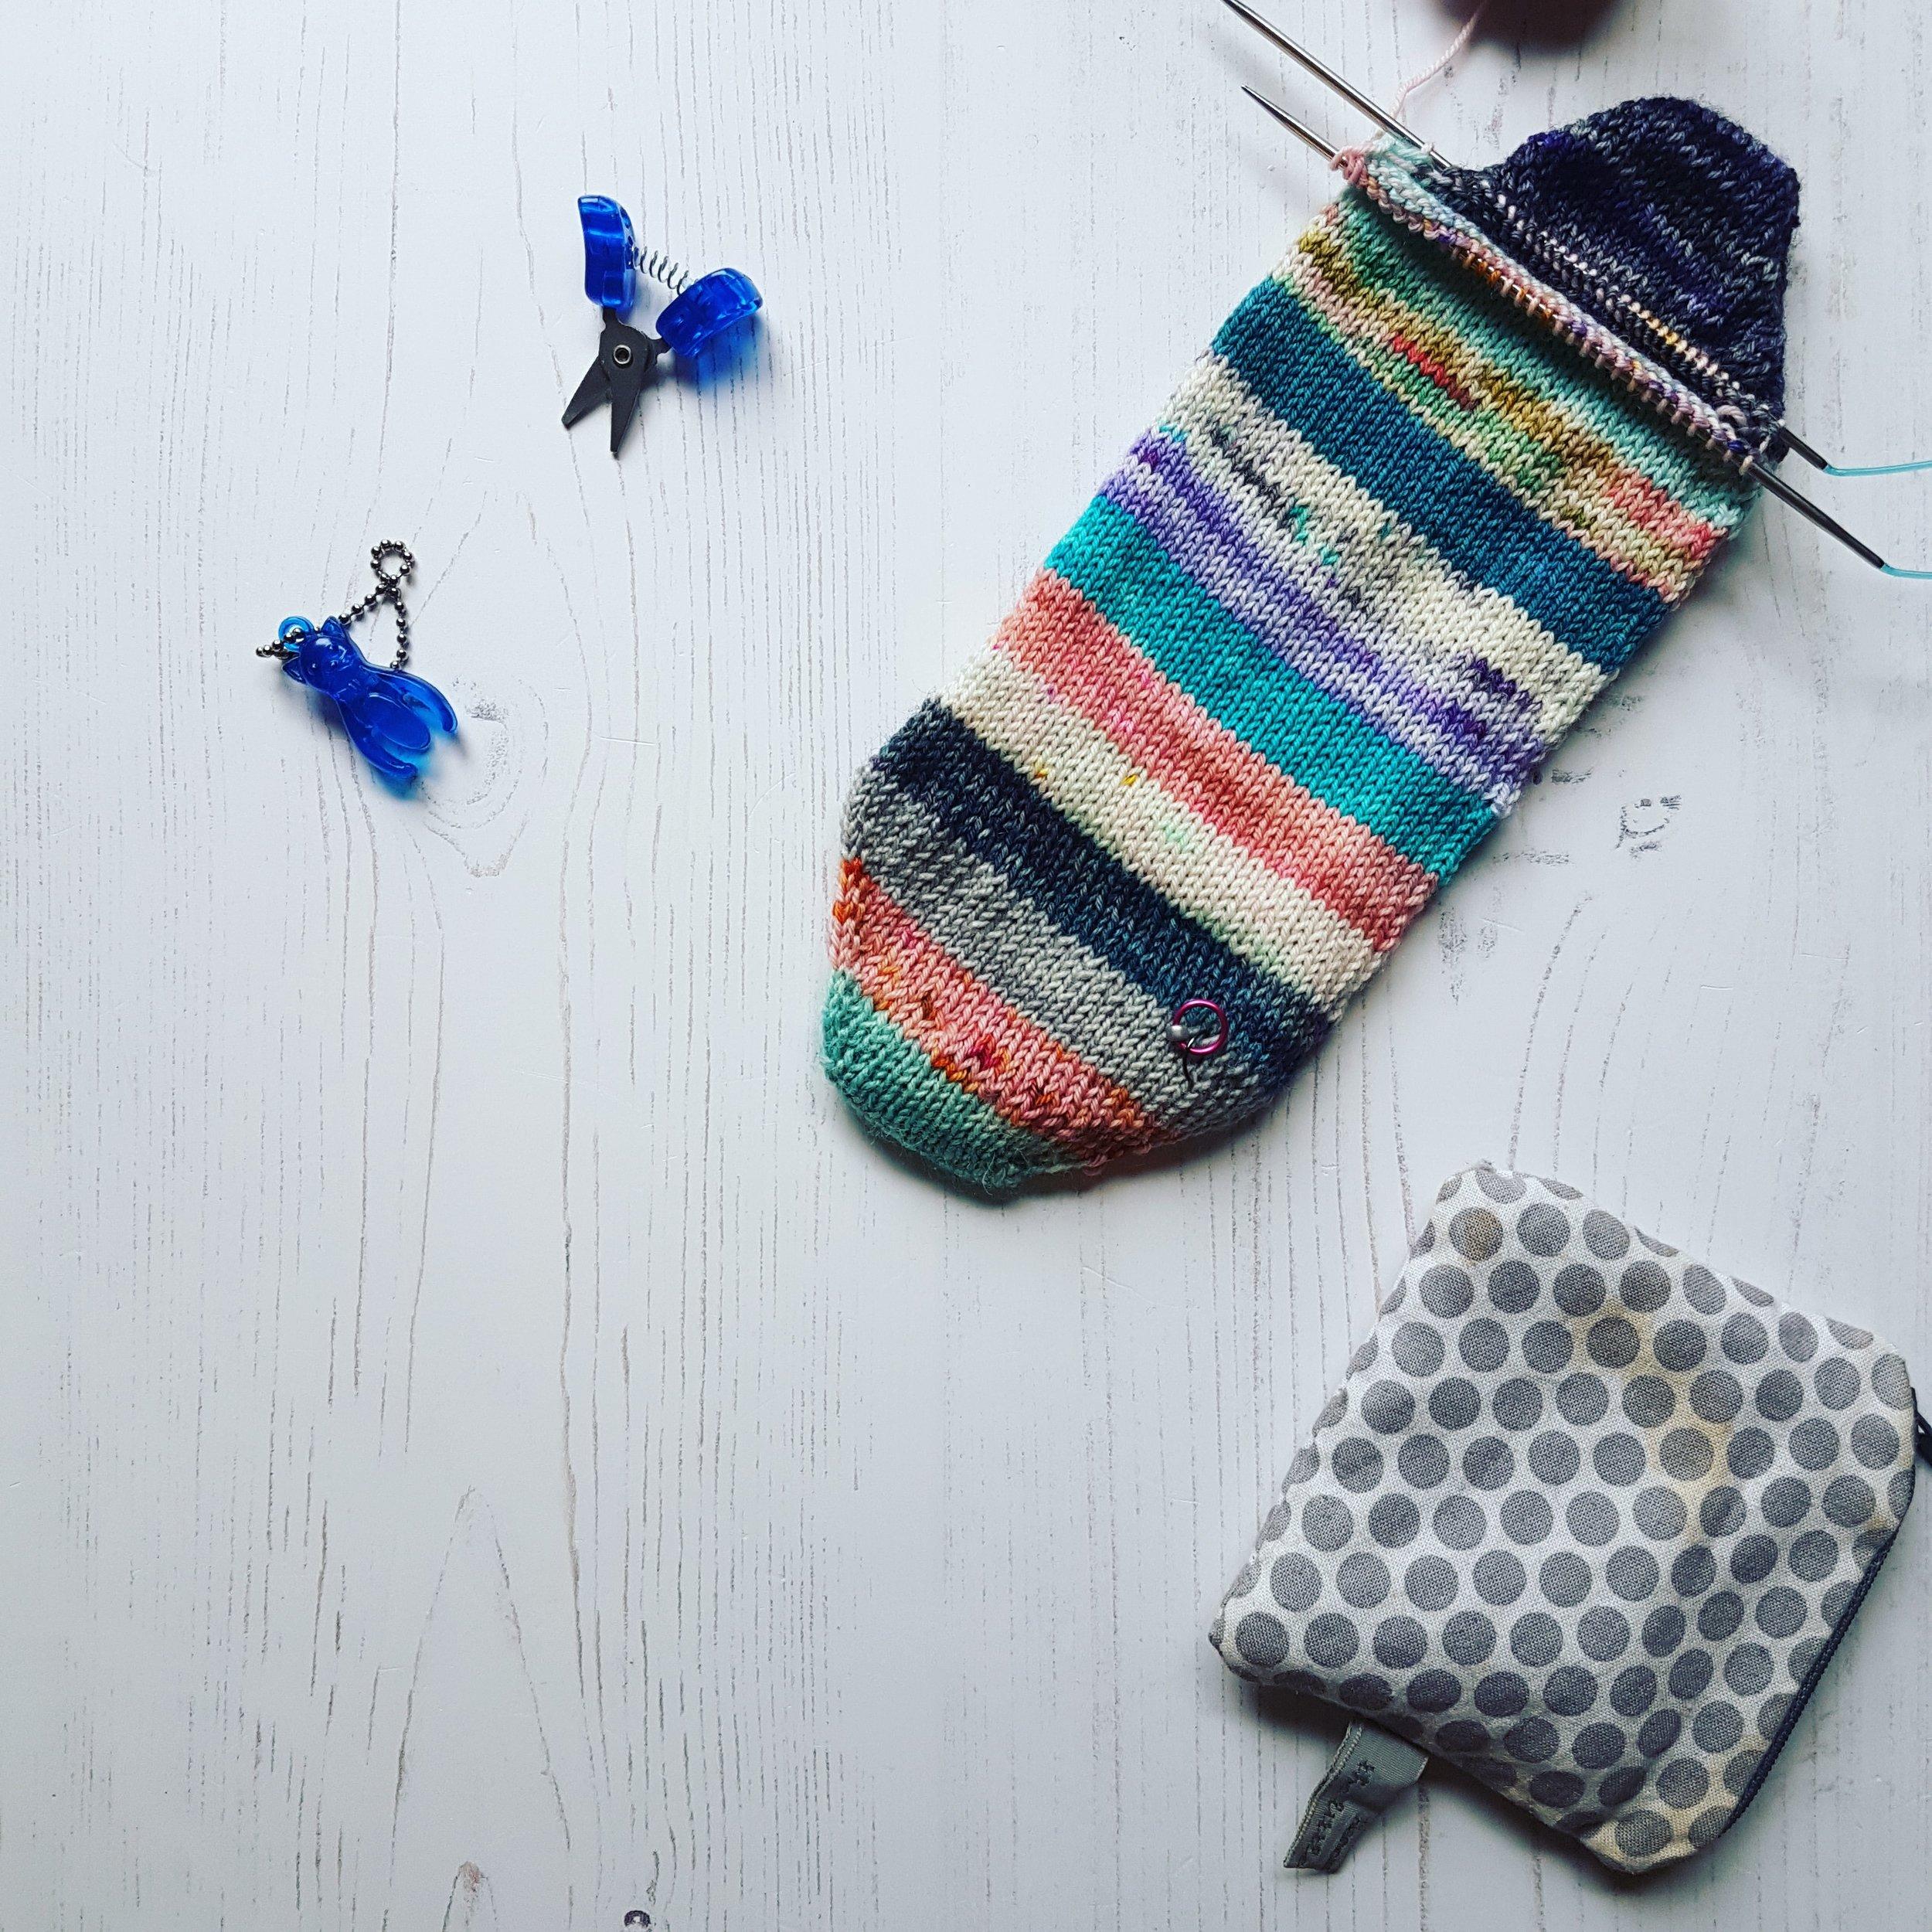 Scrappy_socks.jpg